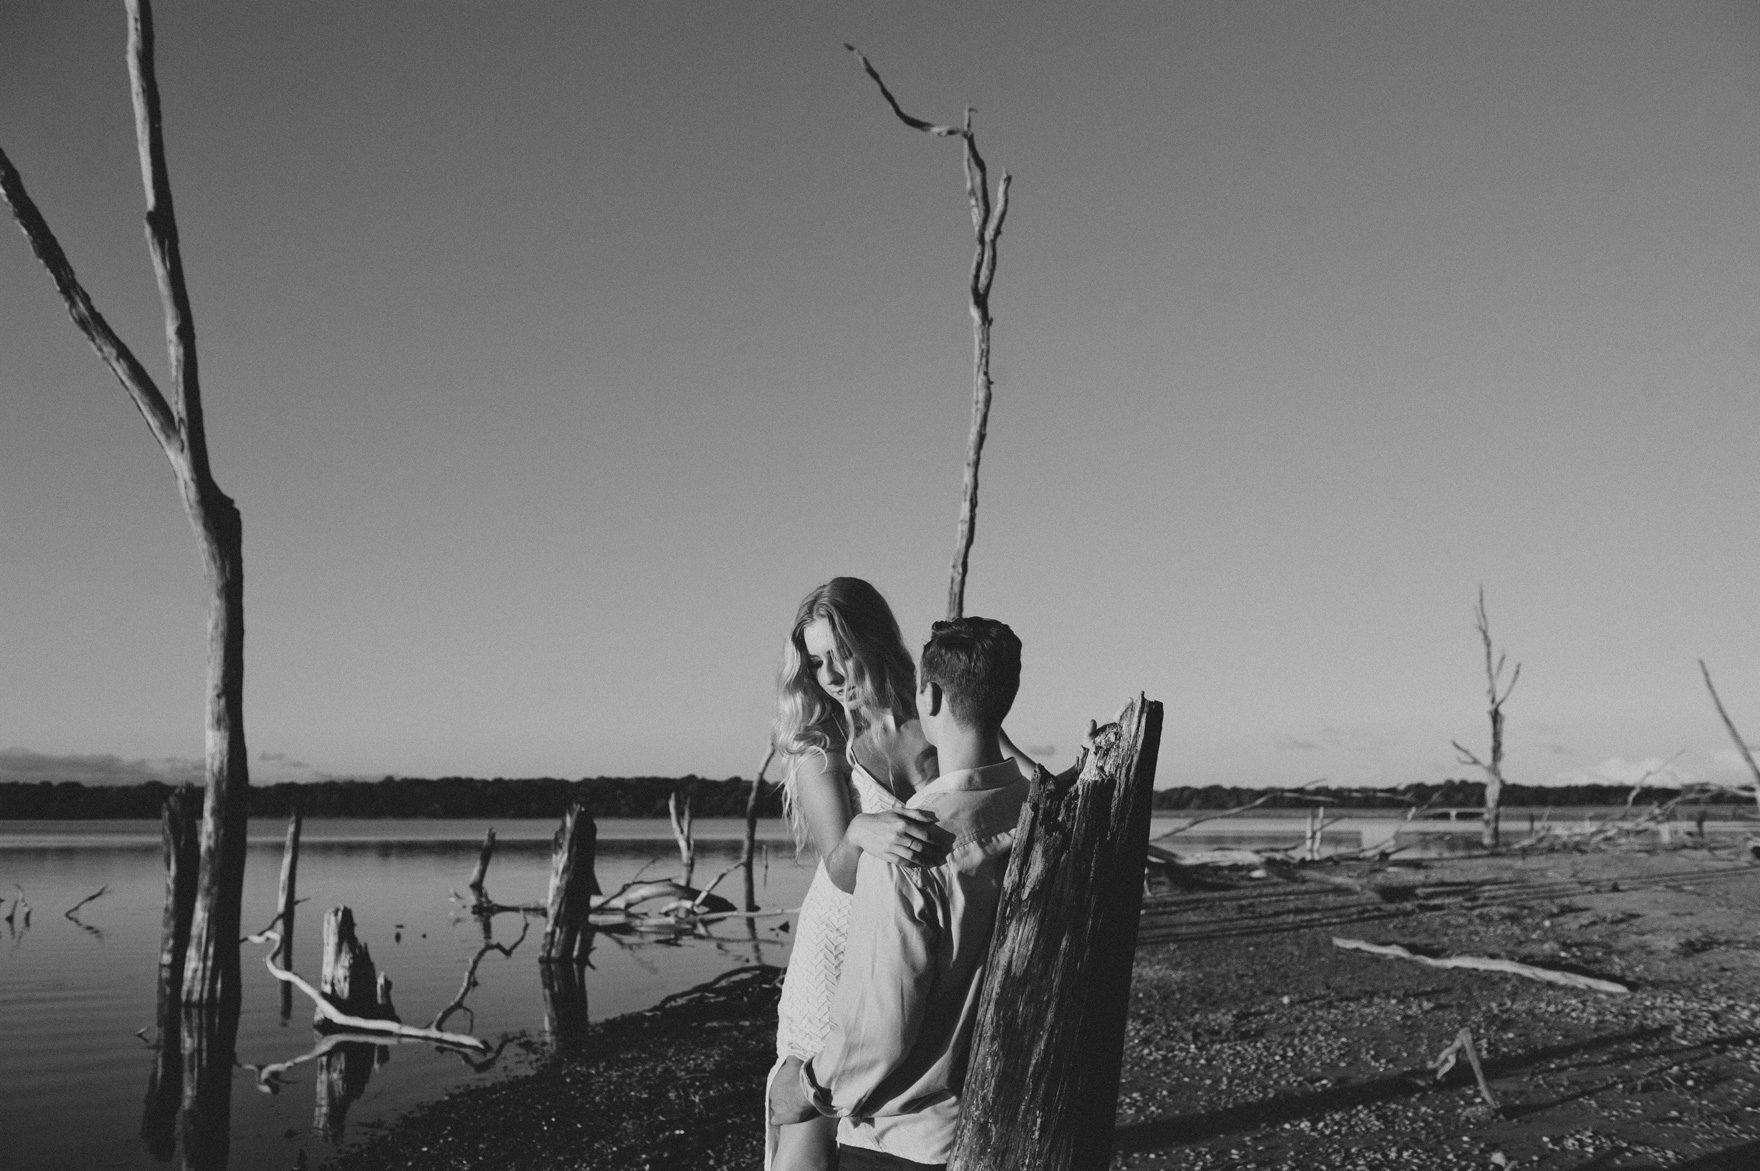 California-Destination-wedding-photographer-Christina-Lilly-027